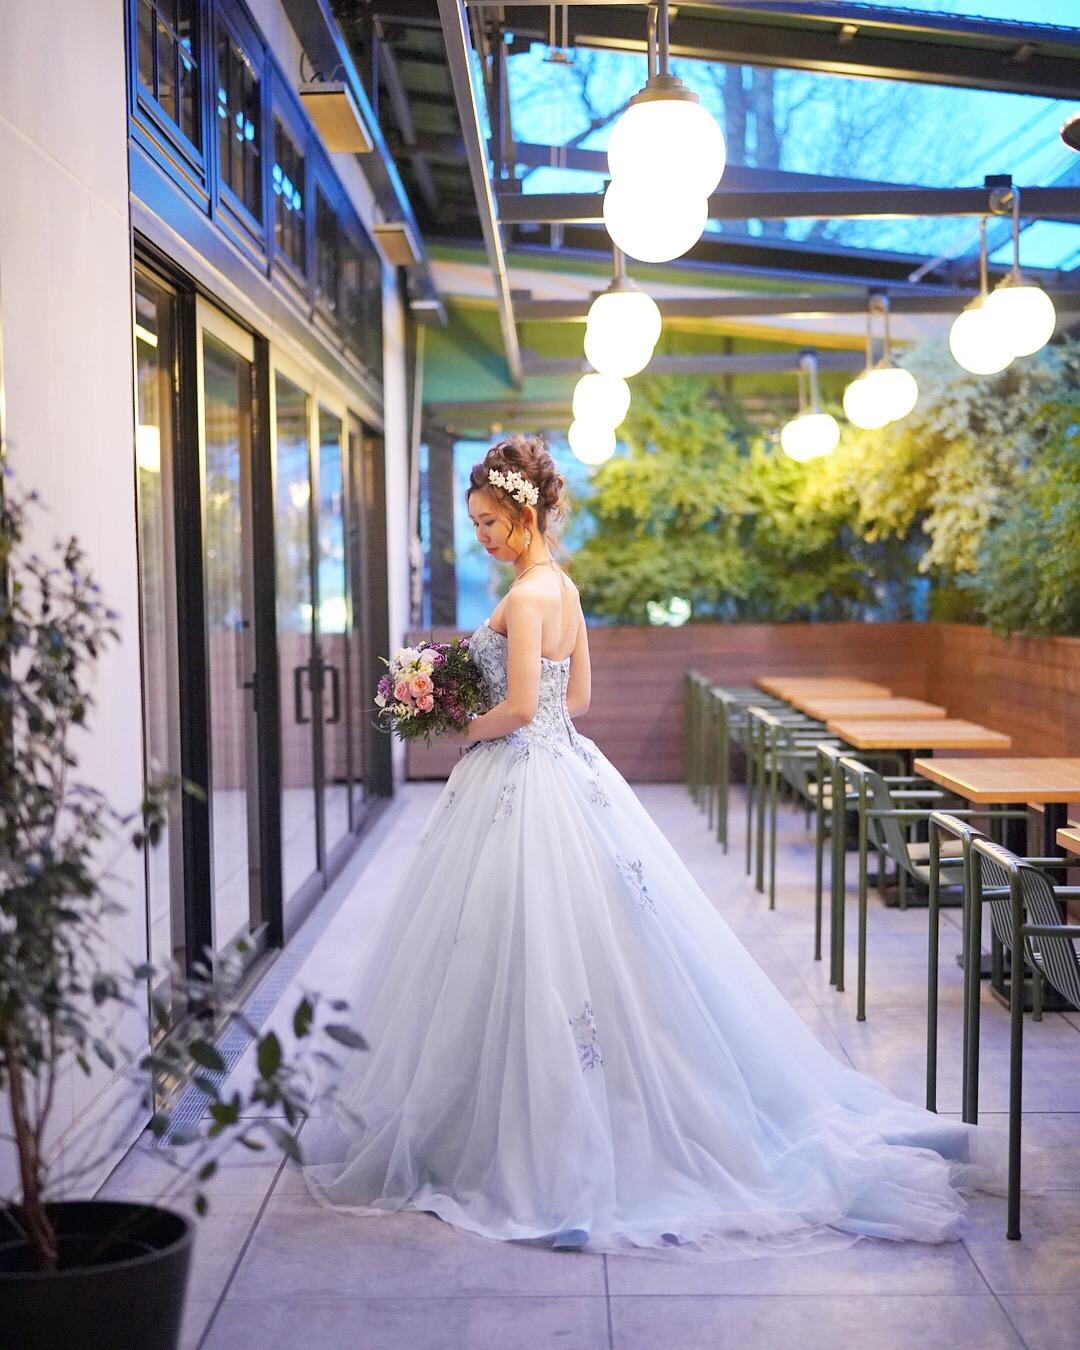 @yuzuki08さんドレス1